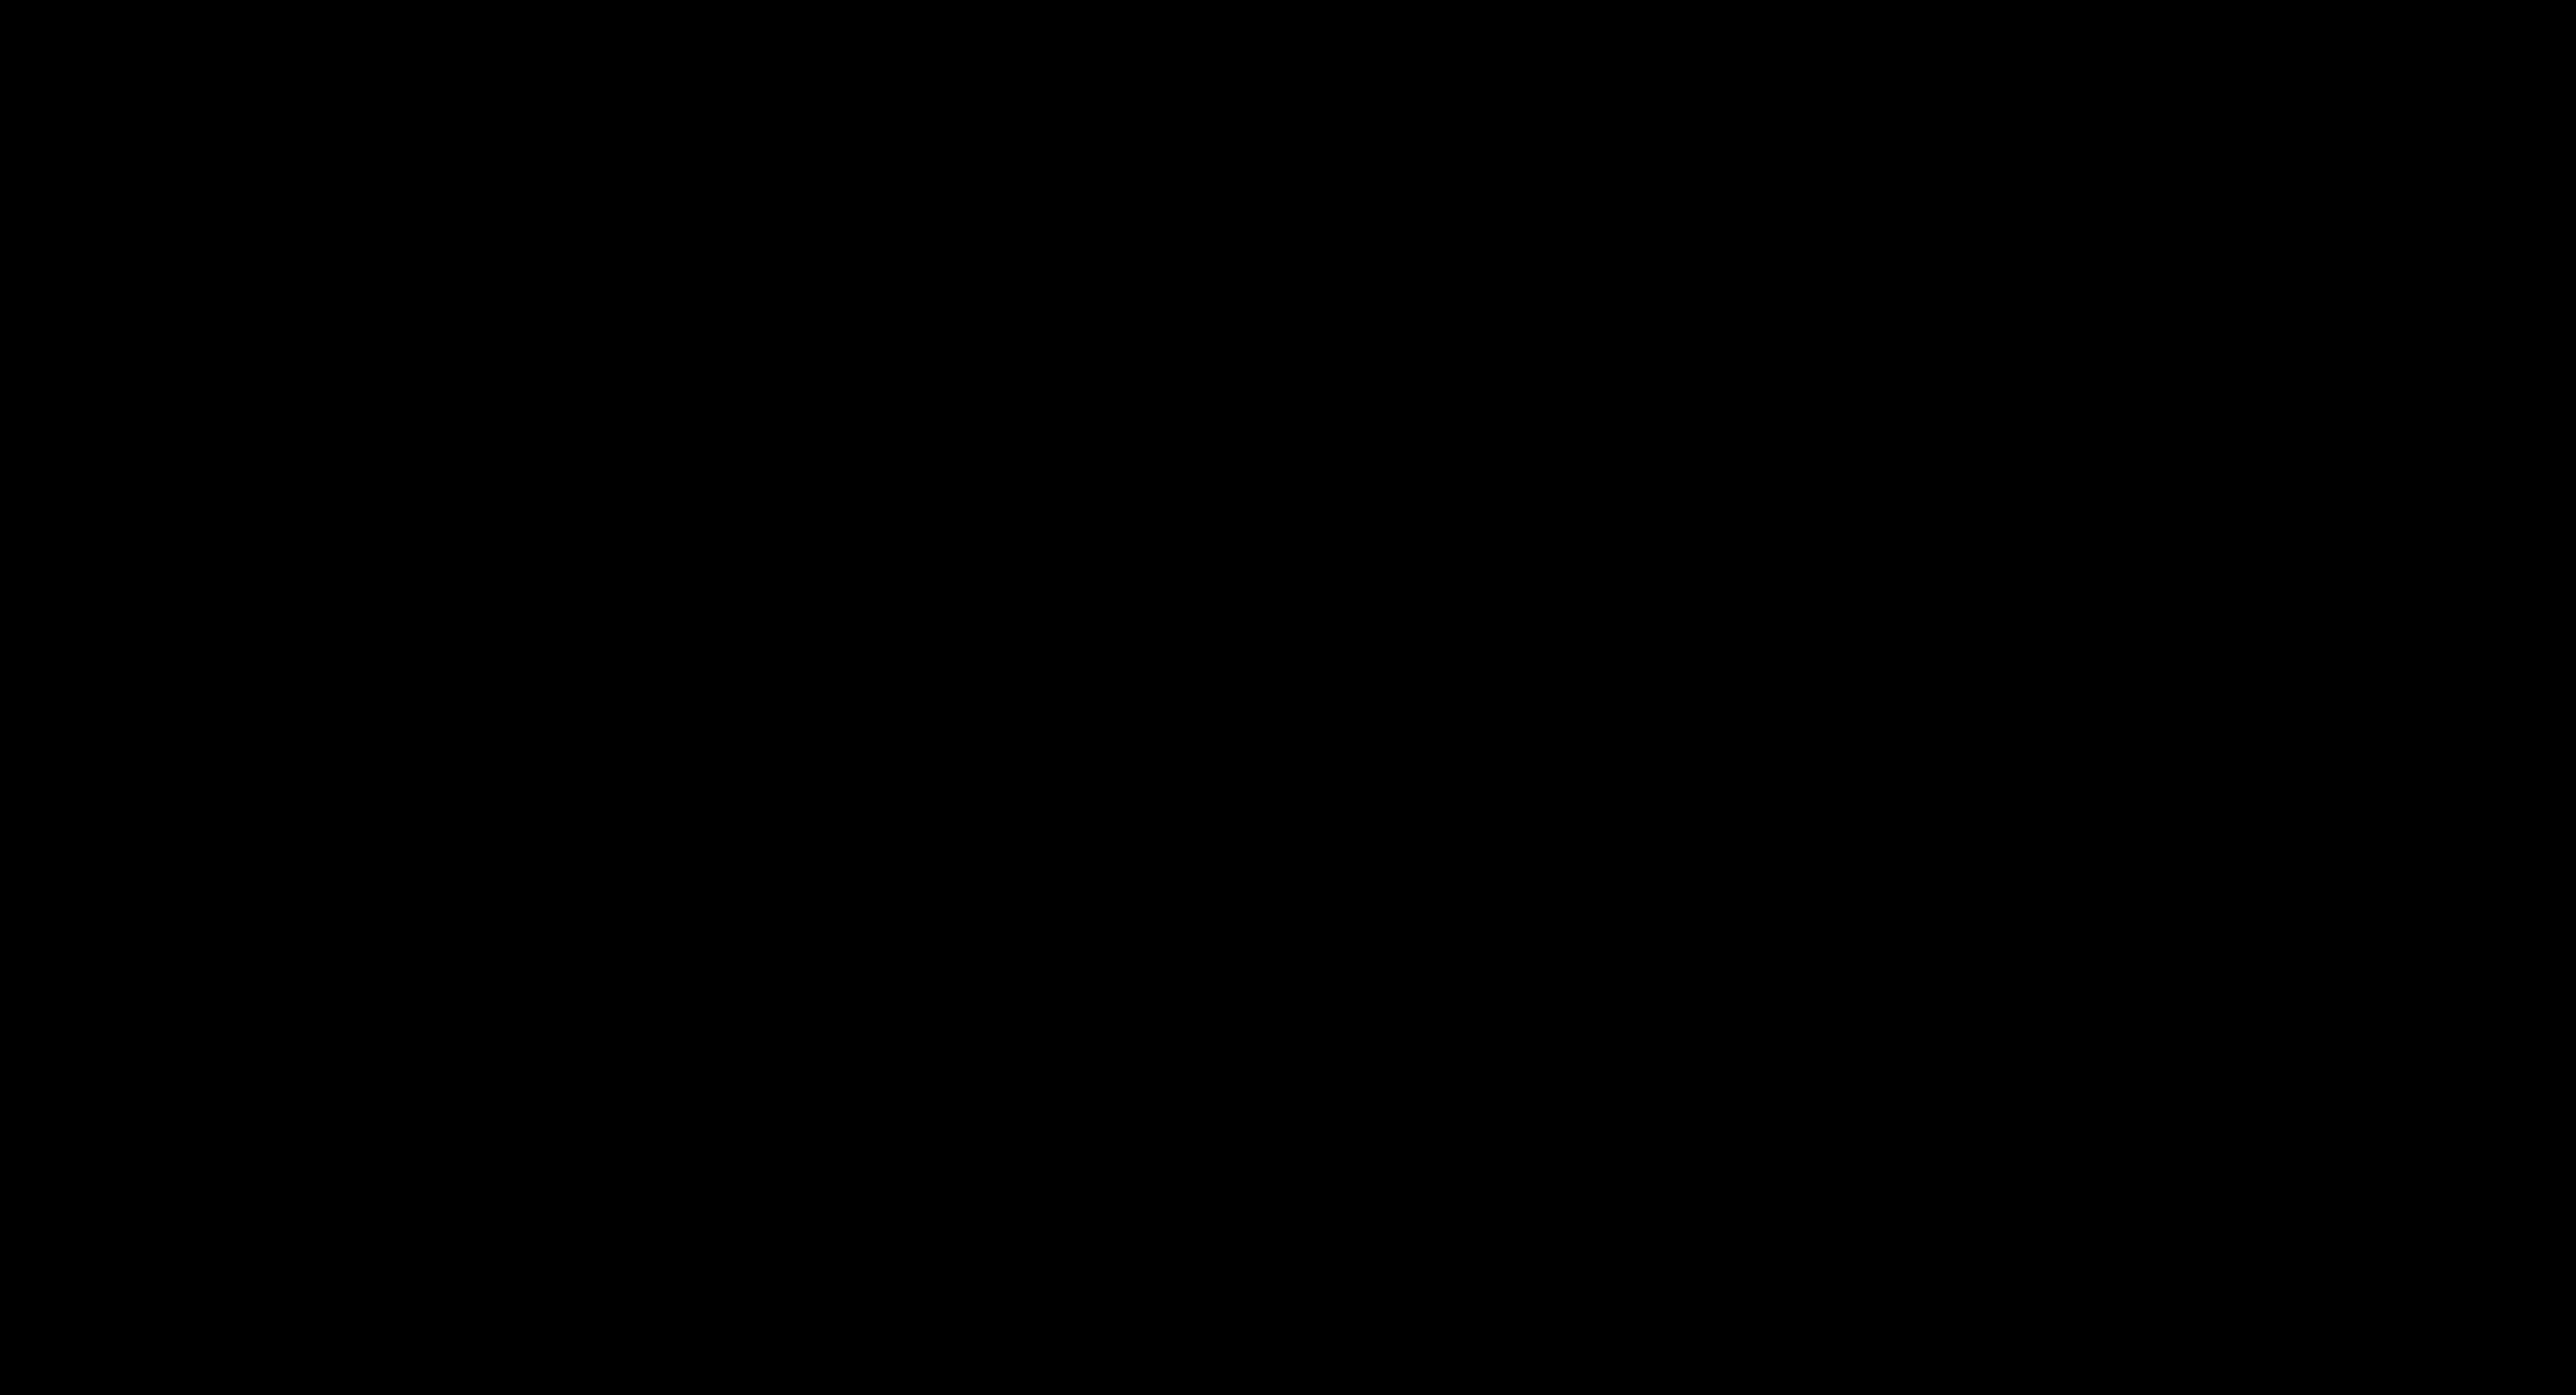 Разработка логотипа и фирменного стиля для сайта фото f_1525a4e39d670e83.jpg